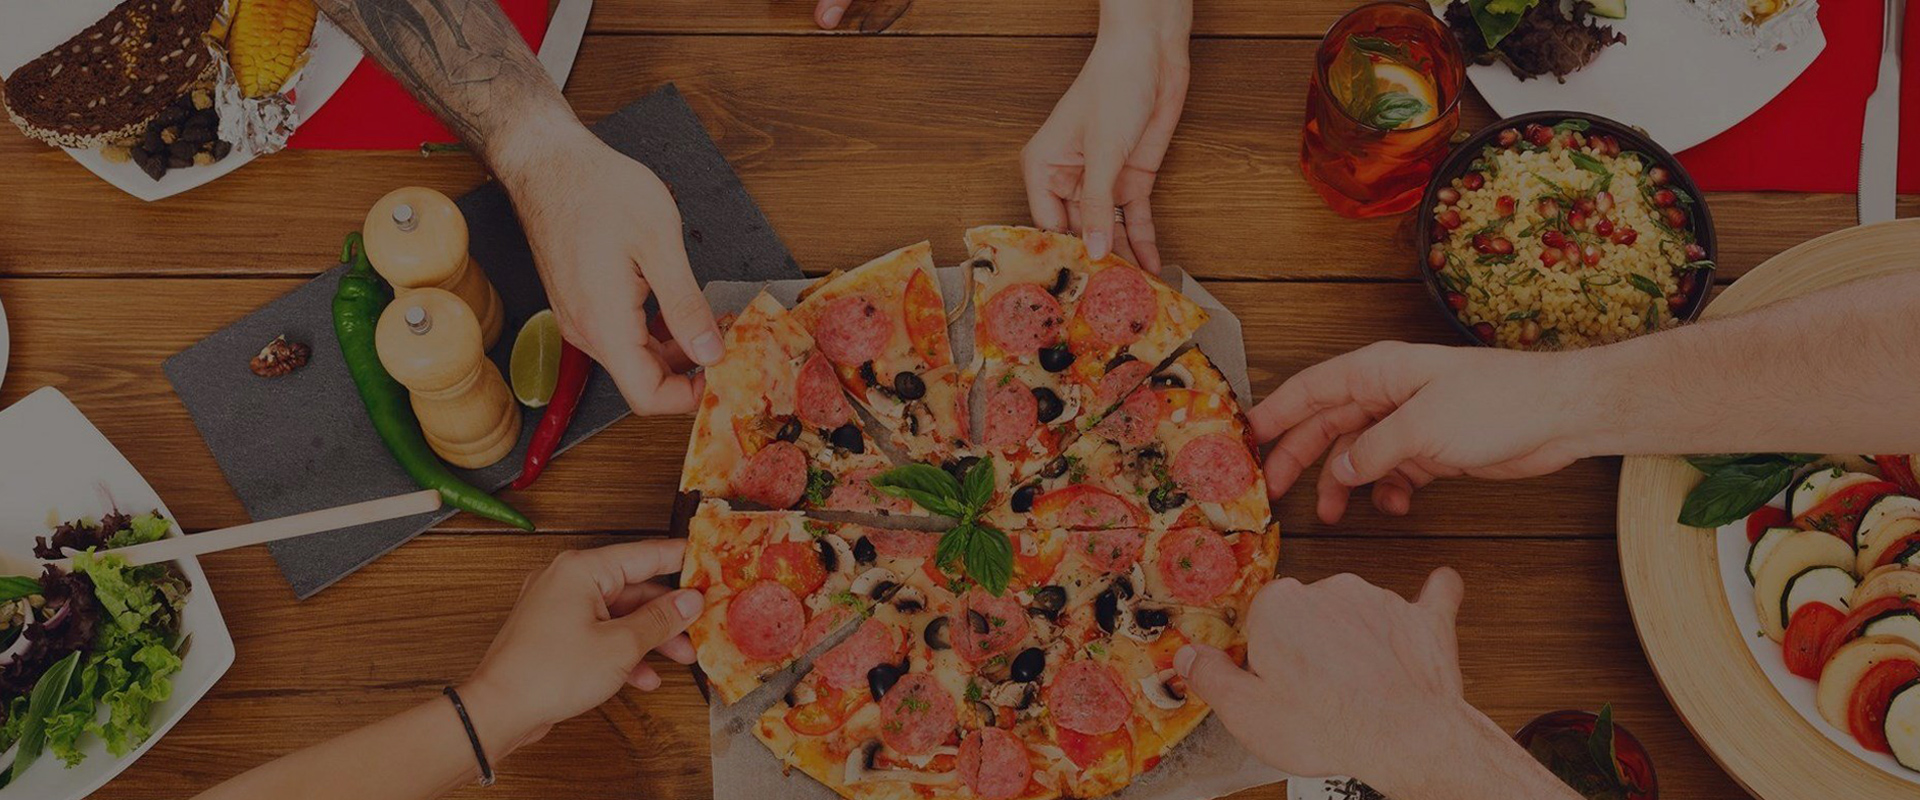 pizza-bg